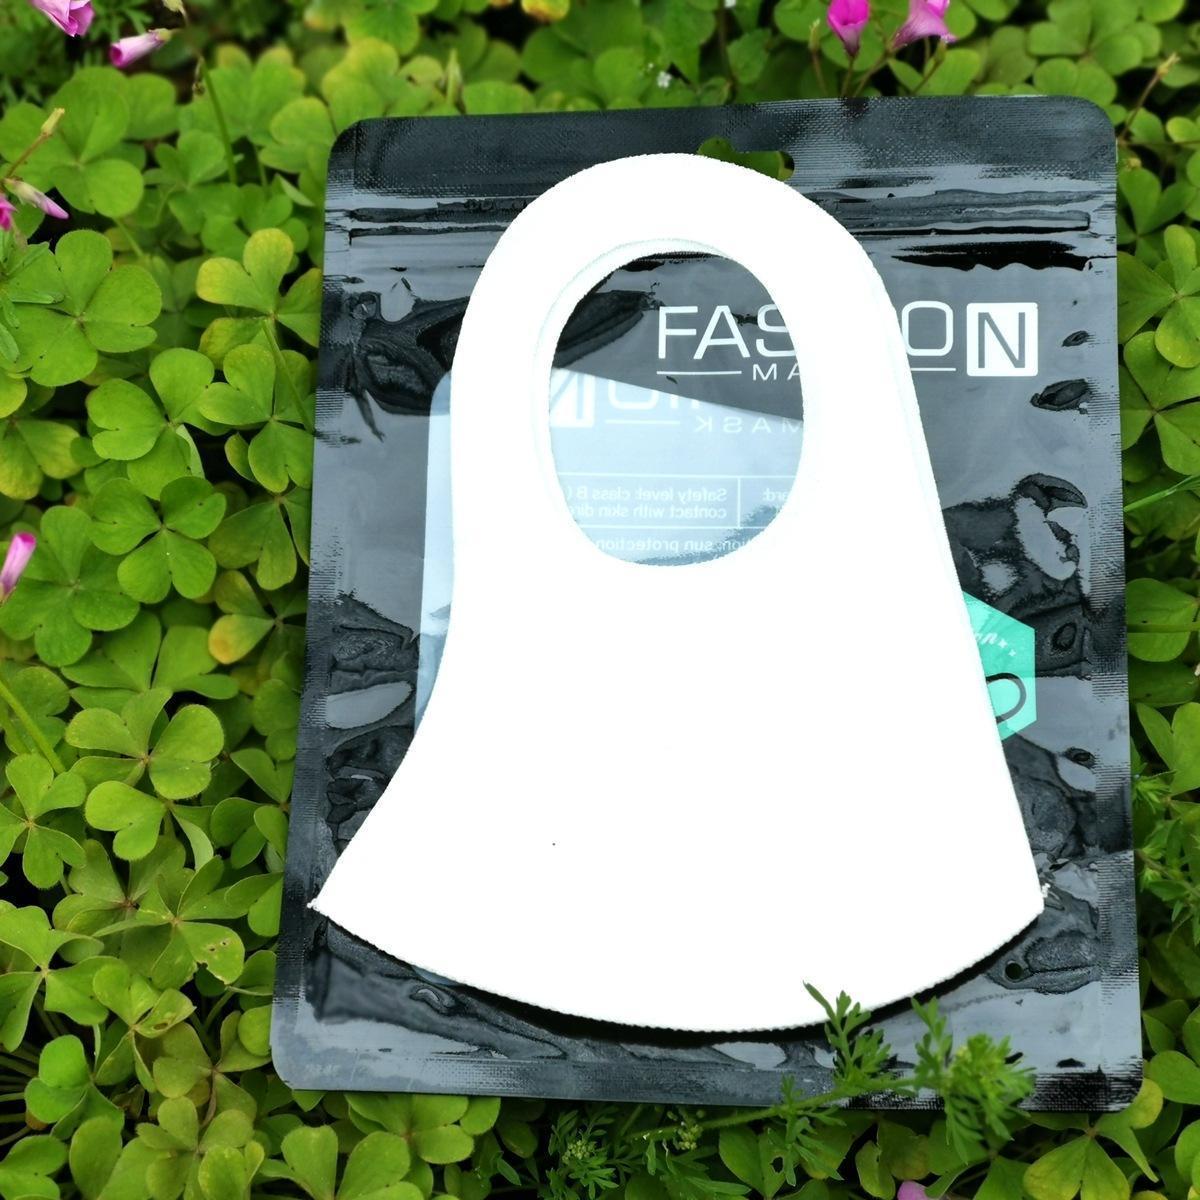 Sin unisex reutilizable libre de contaminación de la válvula del respirador envío máscara facial lavable correas anchas esponja a prueba de polvo de la respiración de mufla oUSTR allguy